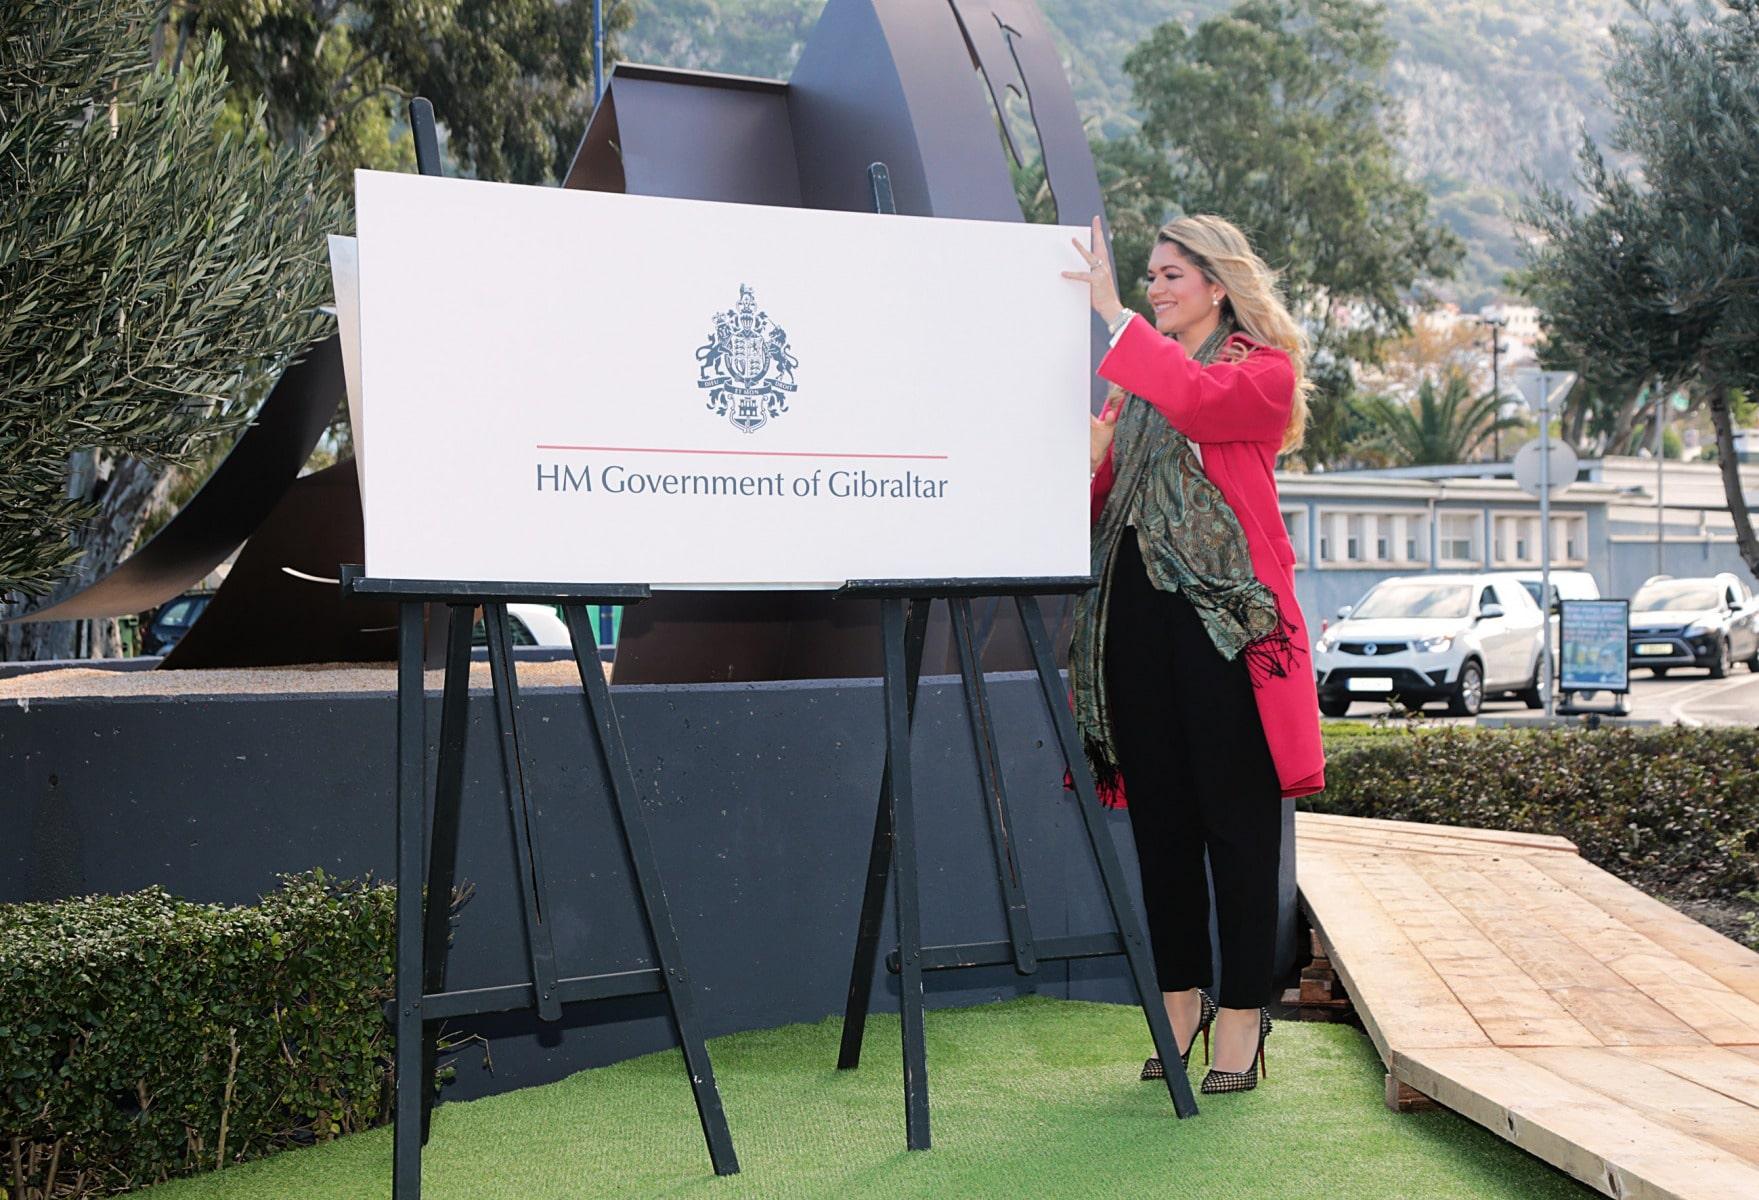 inauguracin-del-monumento-a-la-mujer-en-gibraltar_31093430130_o